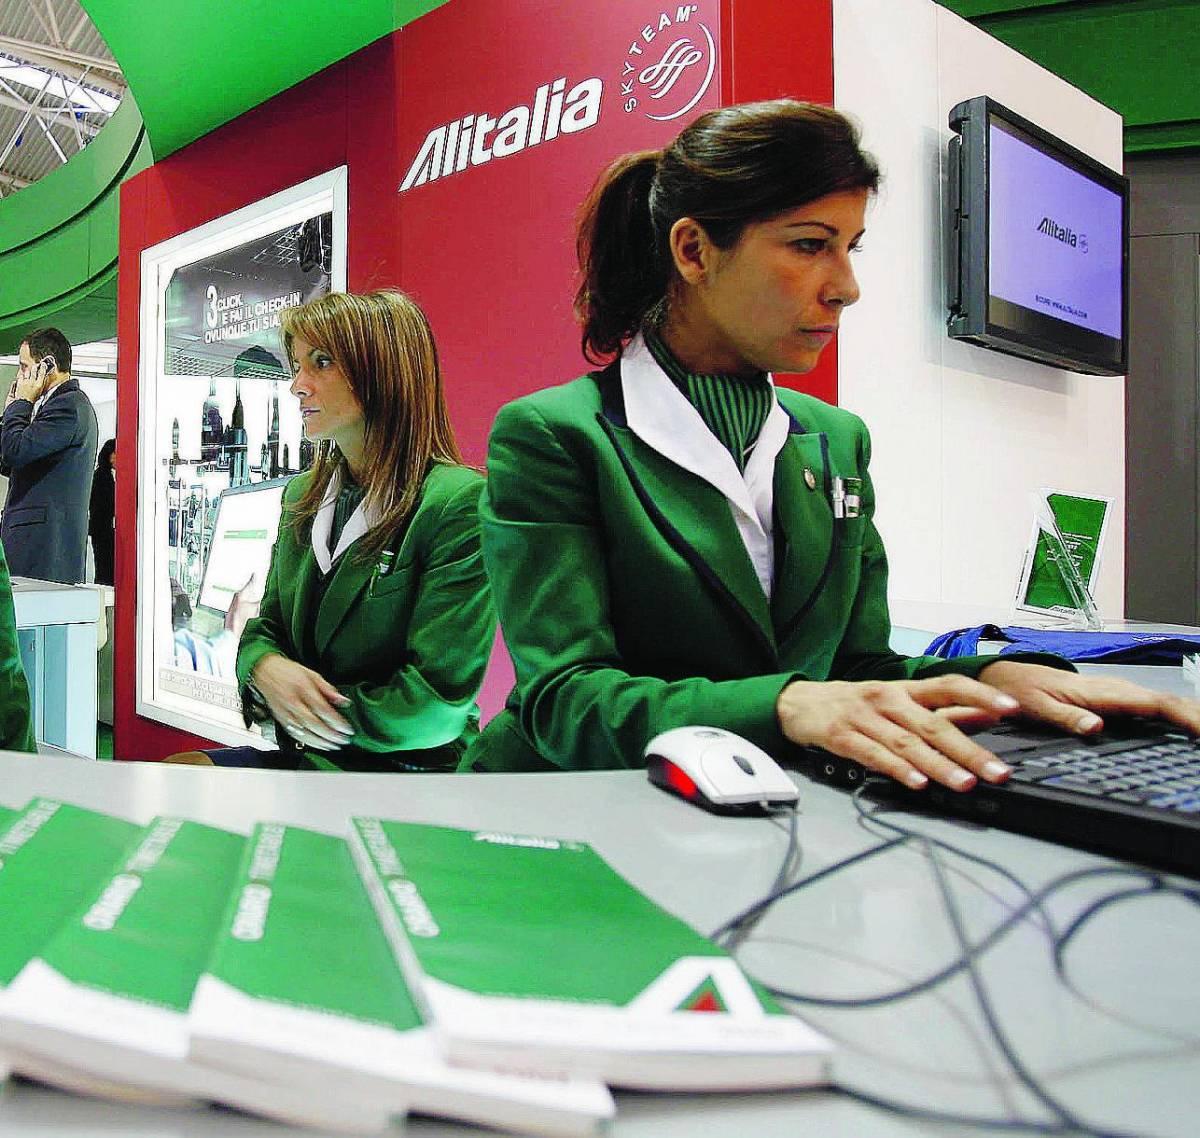 Dopo le offerte Alitalia crolla in Borsa